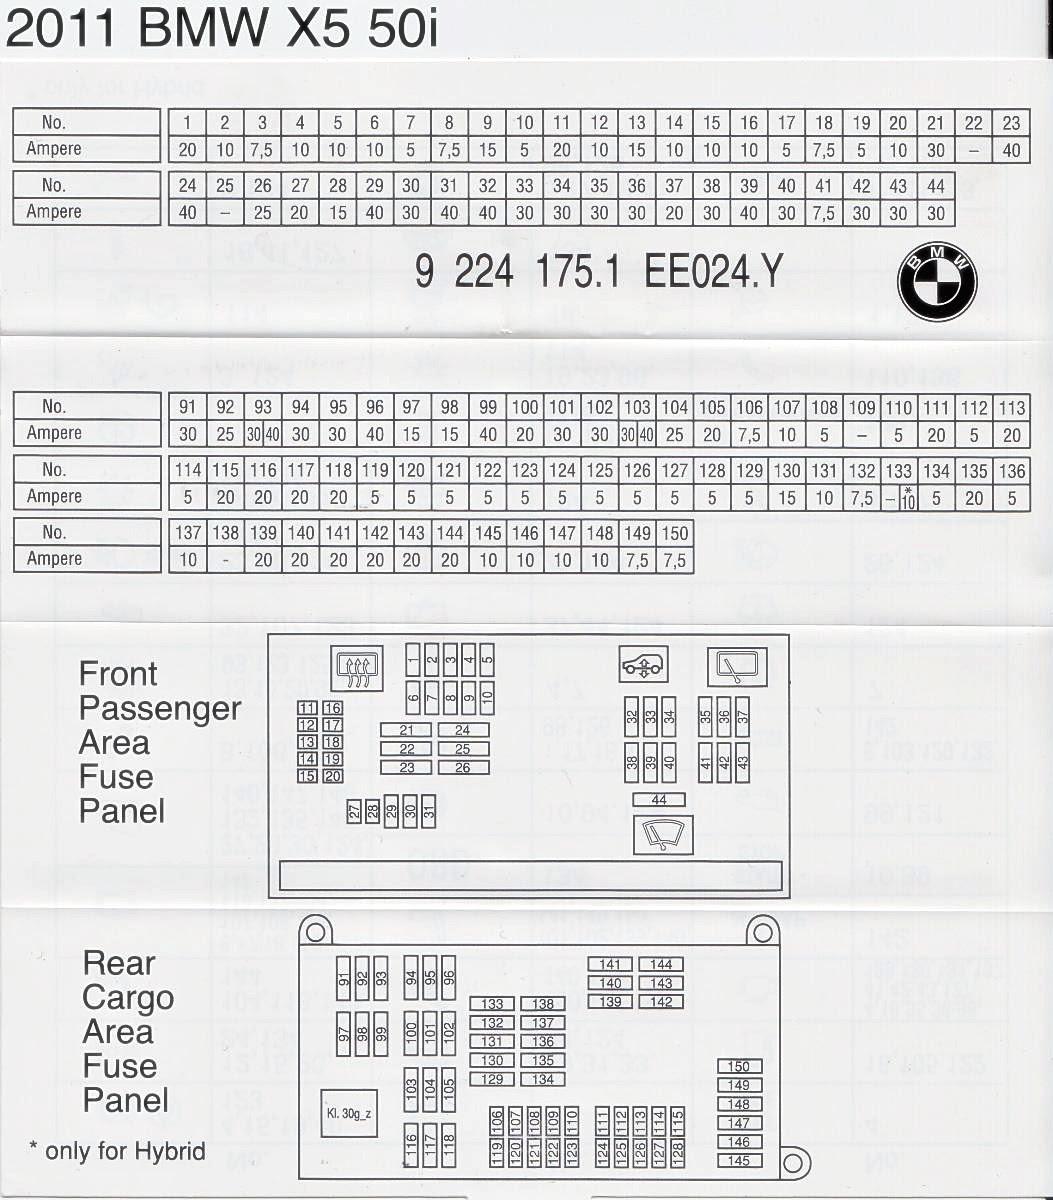 2010 Jaguar Xf Fuse Box Diagram - Jaguar XF Review